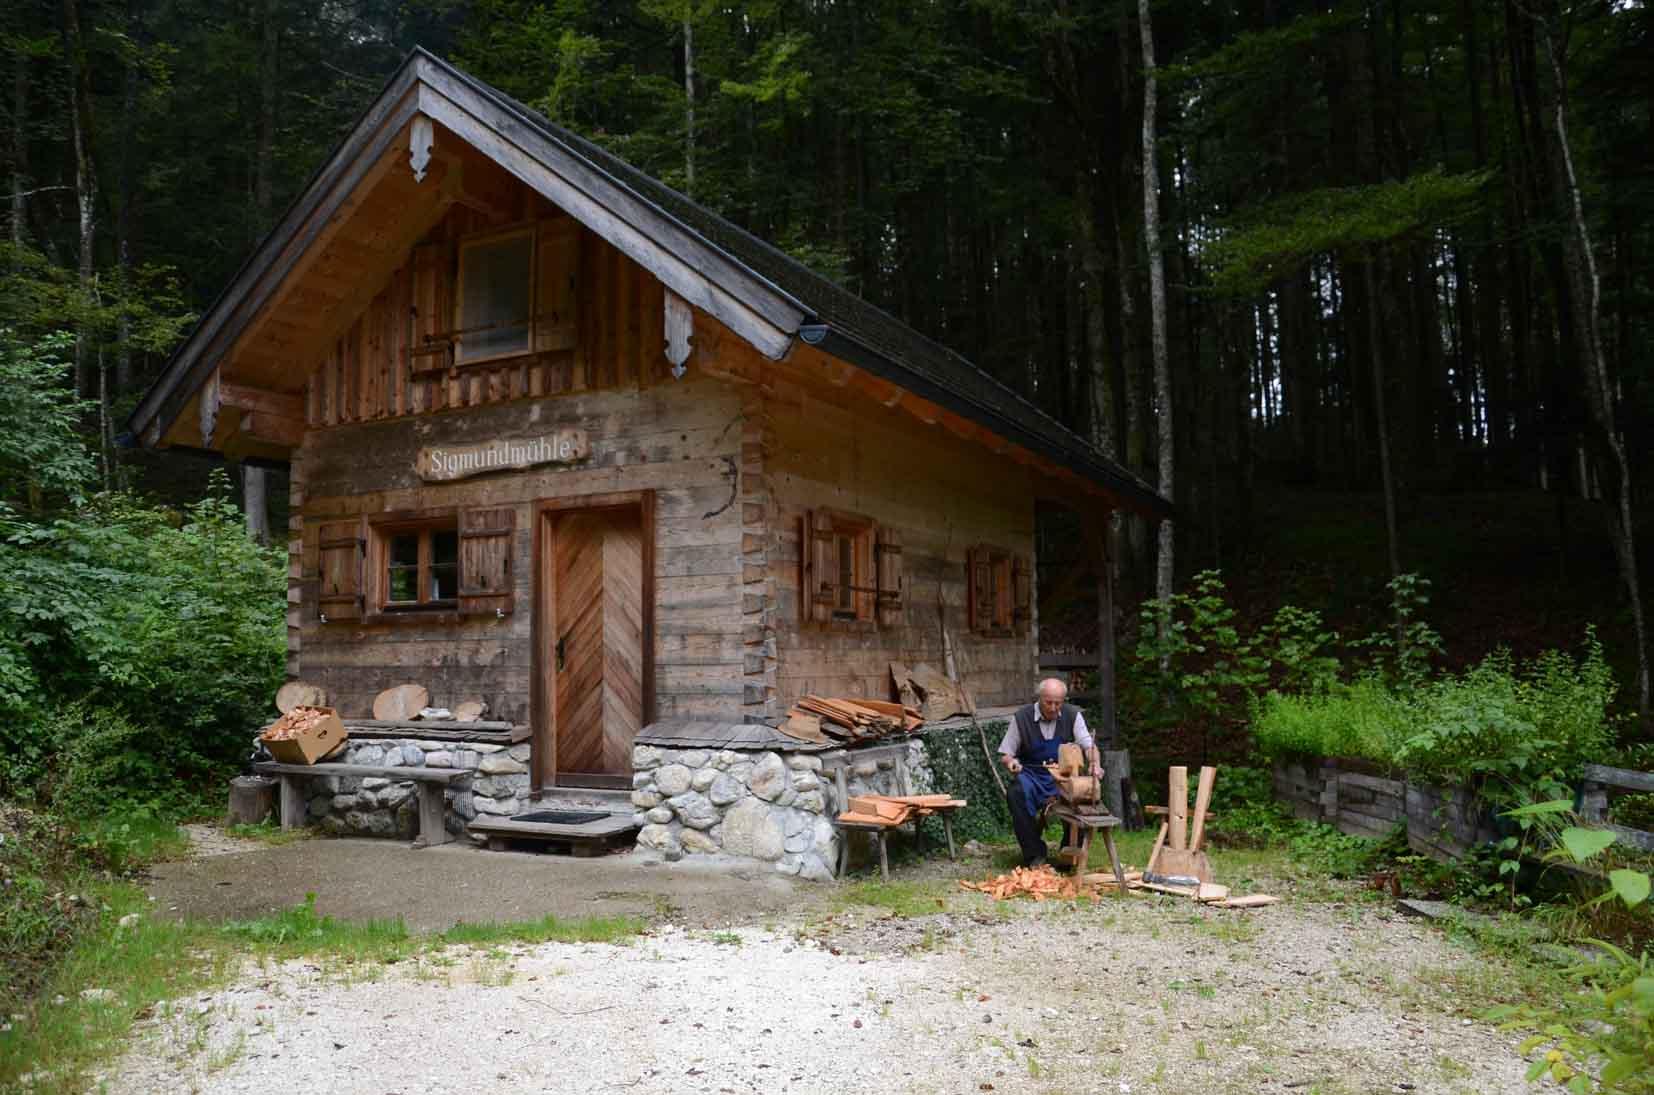 Gemütliche Hütte in der Nähe des Fuschlsees